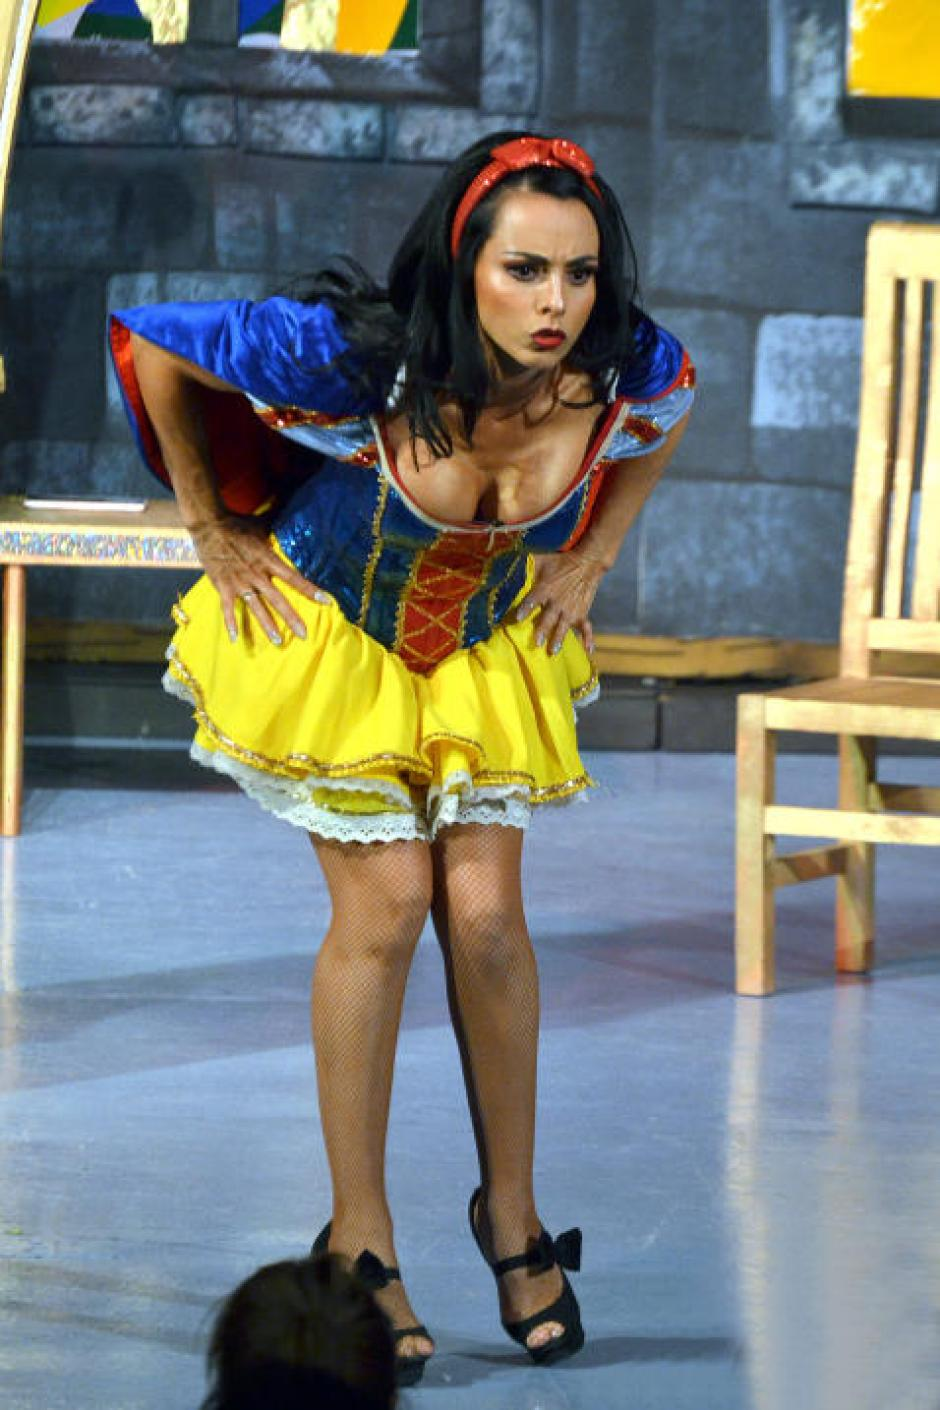 Montero encarna a Blanca Nieves en una obra de teatro.  (Foto: Mezcalent/Univisión)